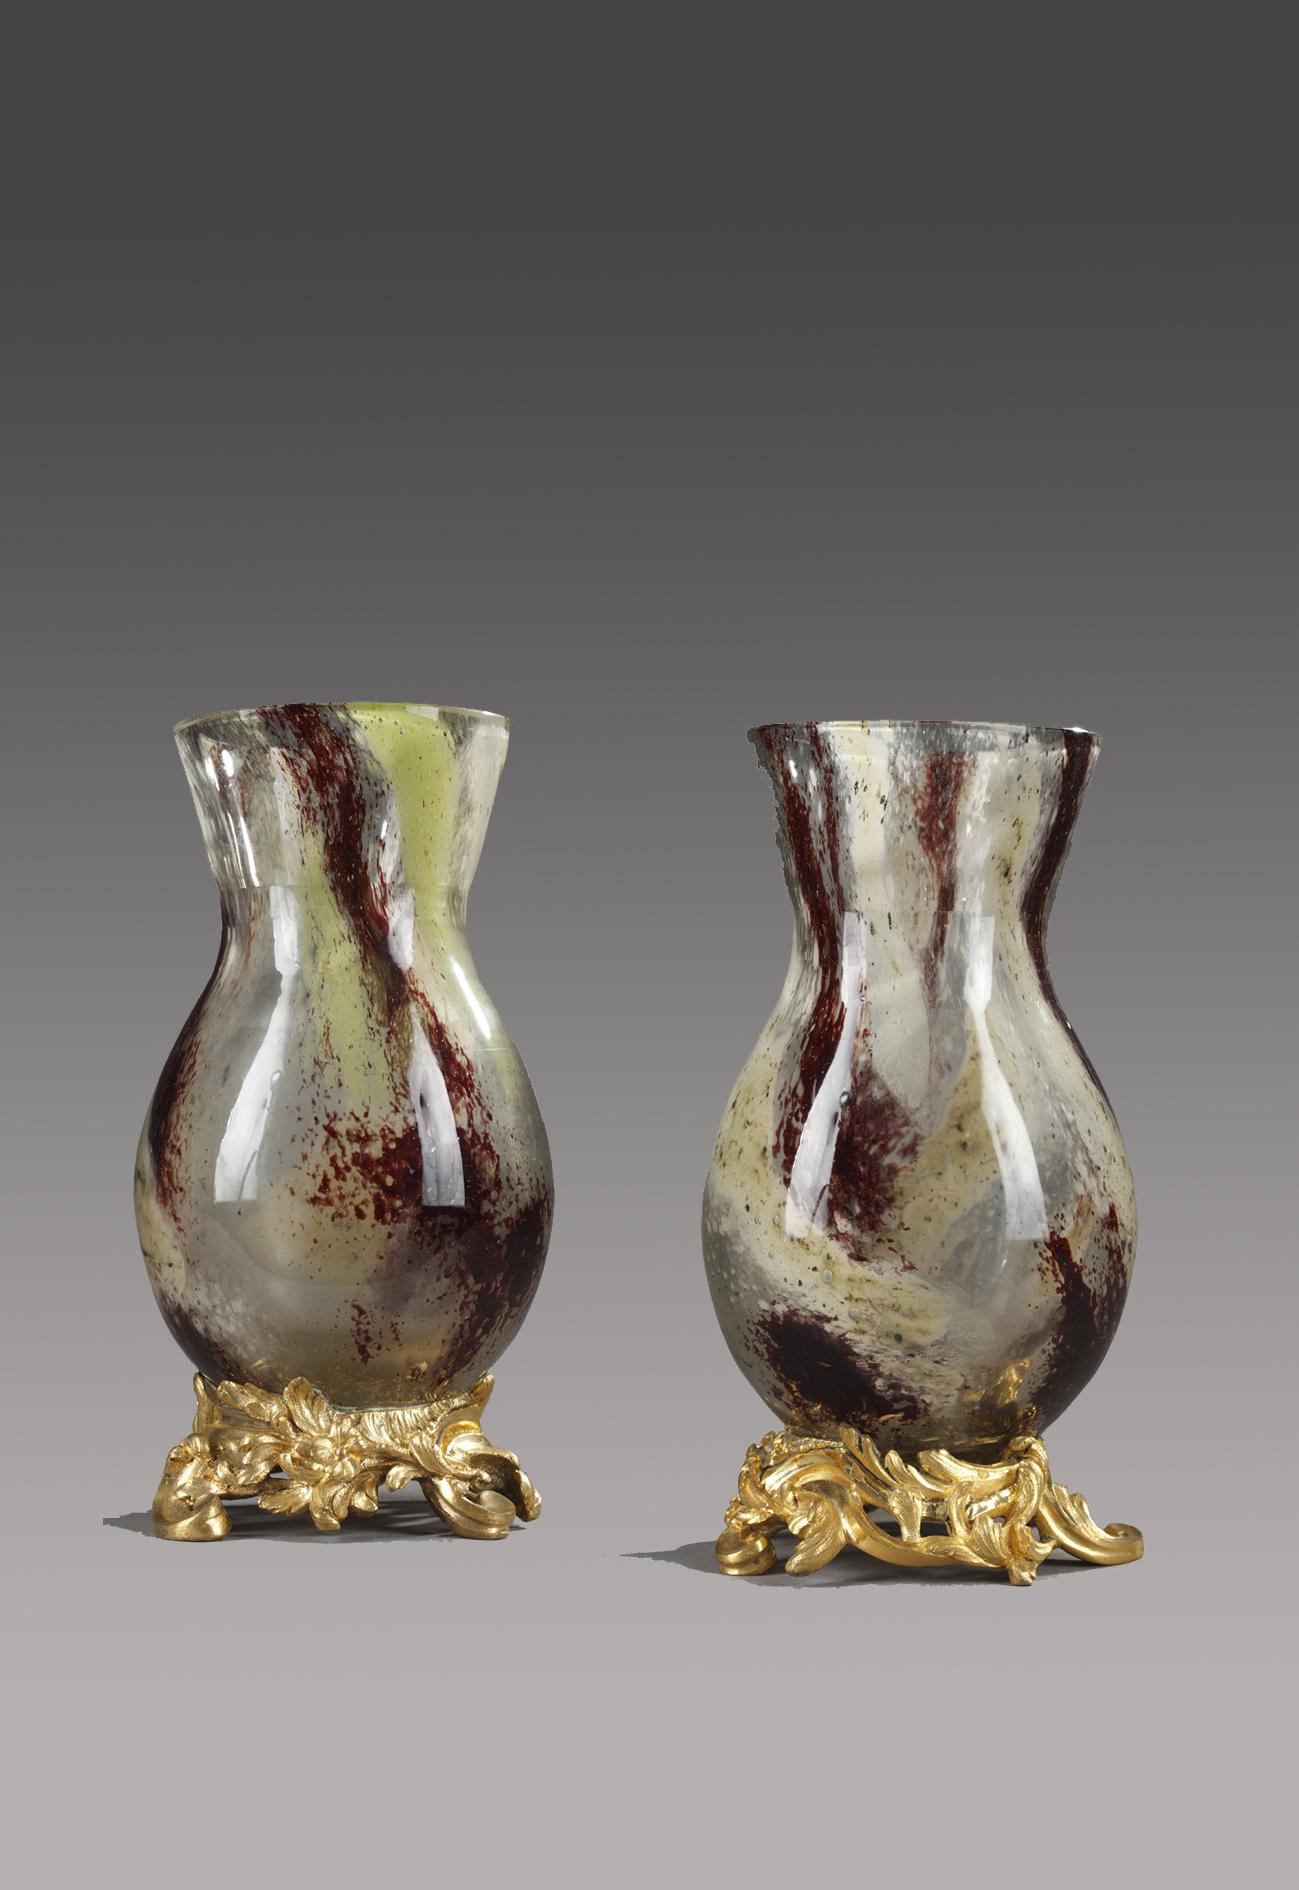 Eugène Rousseau (1827-1890) et Ernest Léveillé (1841-1913), Paire de vases, verre, montures bronze, Haut. 21,5 cm. sculptures, verreries - galerie Tourbillon, Paris